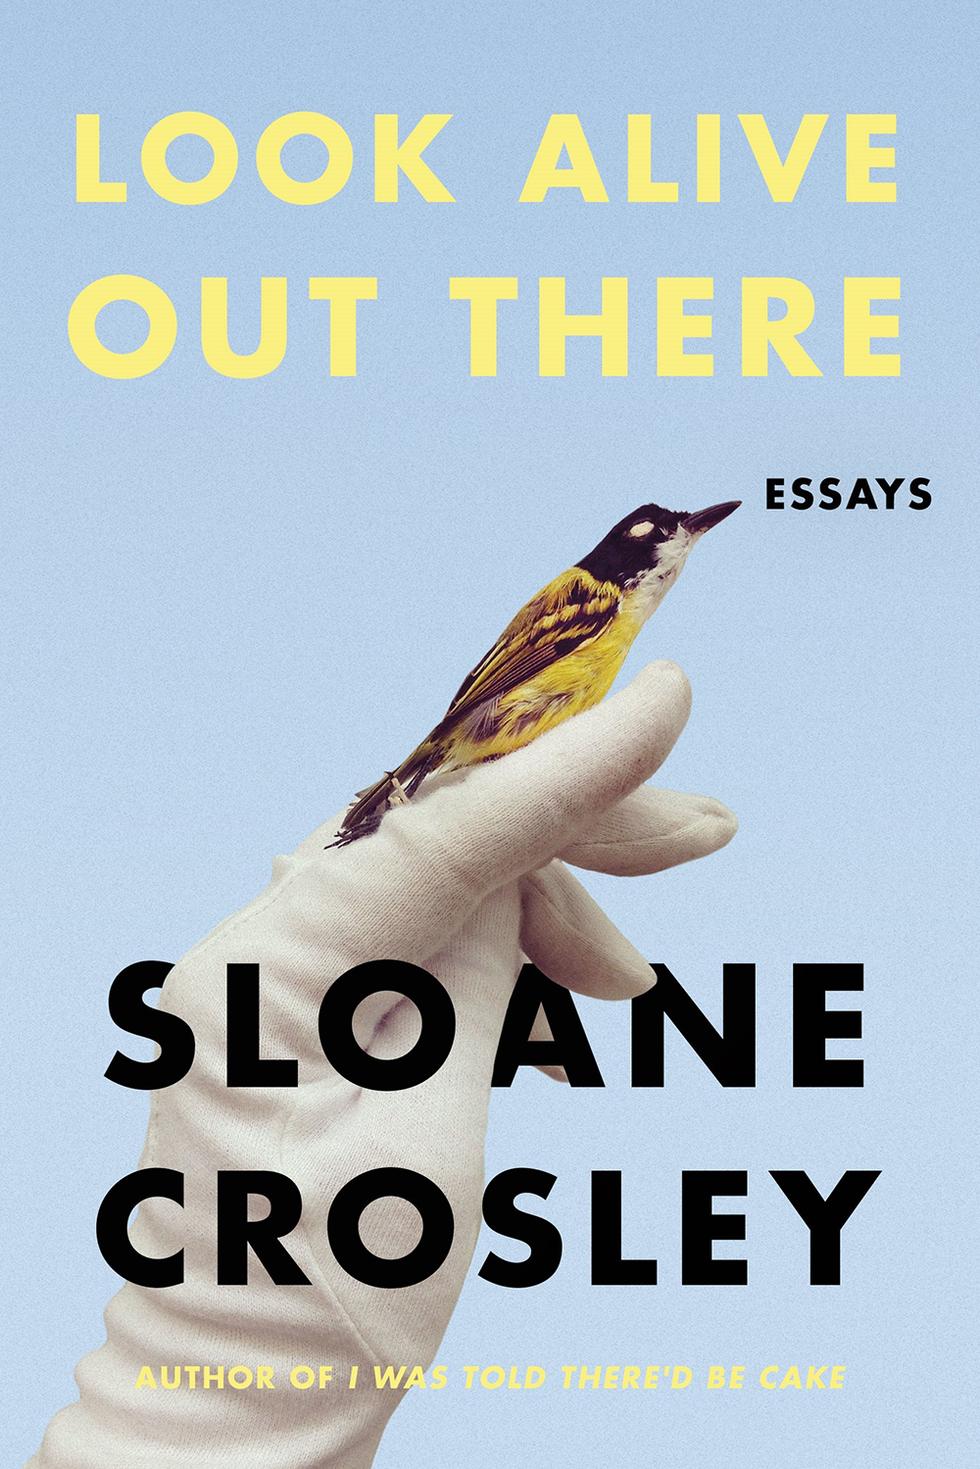 By Sloan Crosley